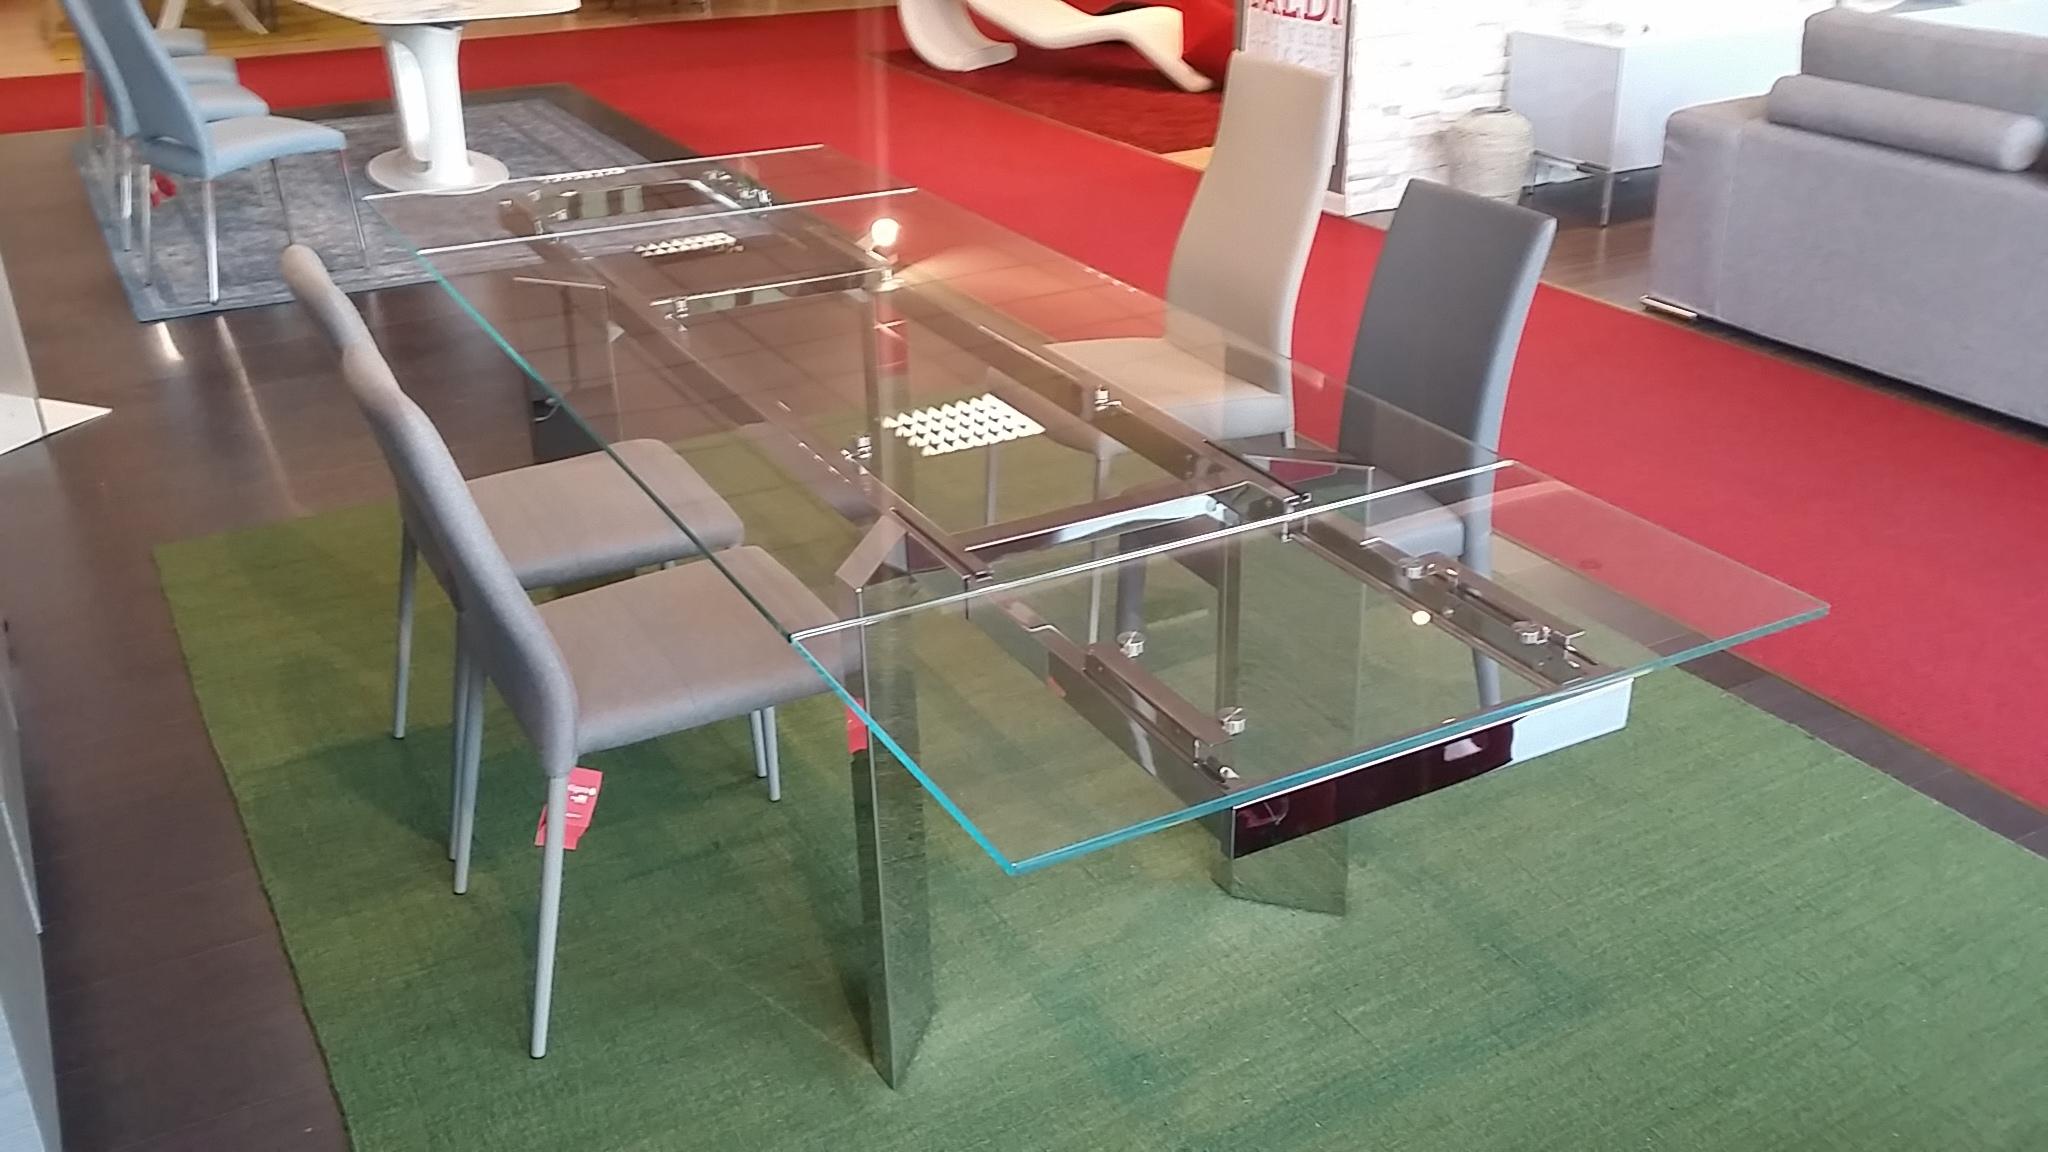 Offerta tavolo calligaris tower tavoli a prezzi scontati for Tavoli allungabili calligaris cristallo